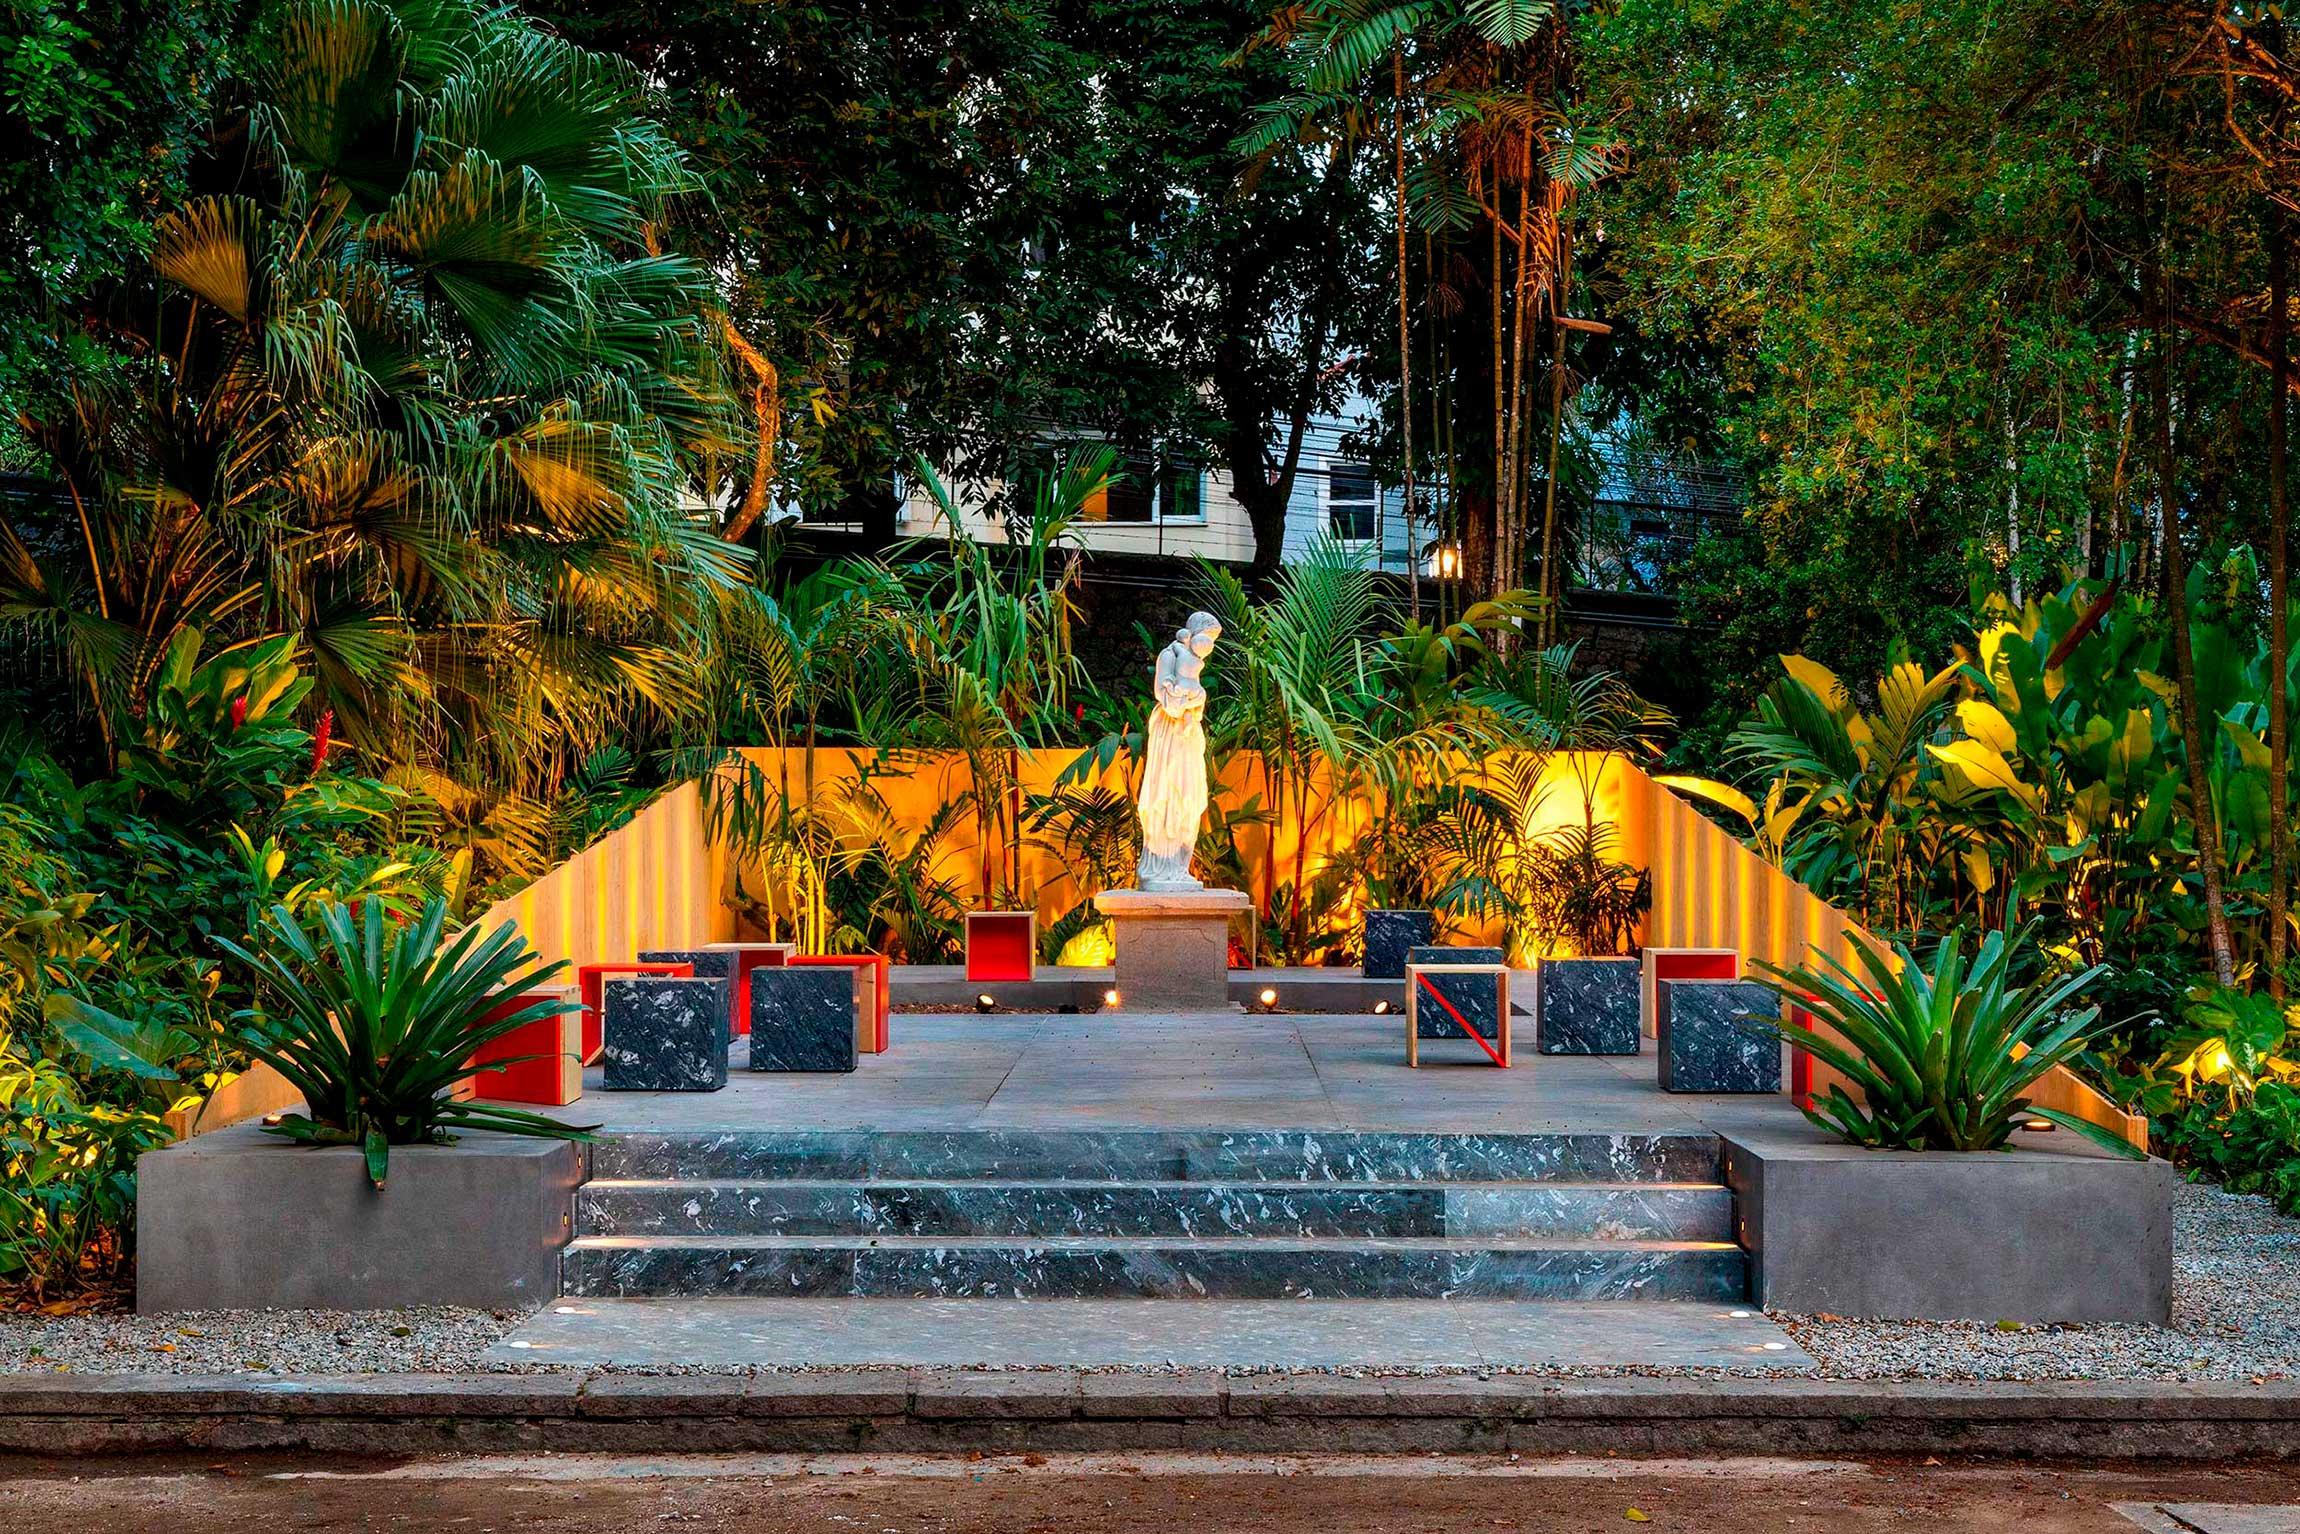 casacor rio de janeiro 2021 rj ambientes decoração arquitetura mostras ivan rezende patio escultura